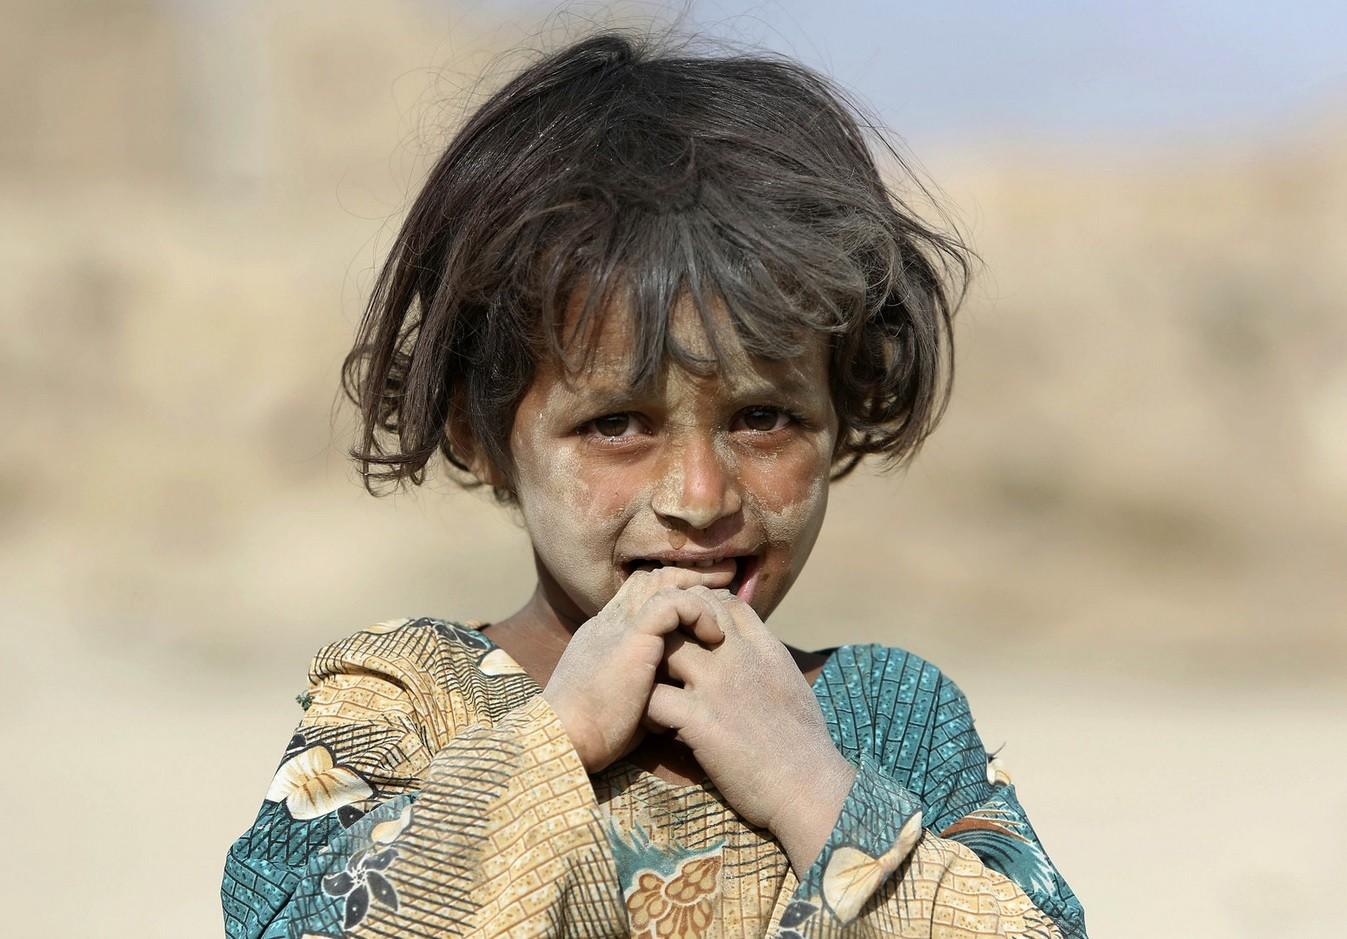 """UNICEF: """"Afganistanul este cel mai rău loc de pe Pământ pentru copii"""". În doar 3 zile, 27 de copii au fost uciși și 136 răniți"""